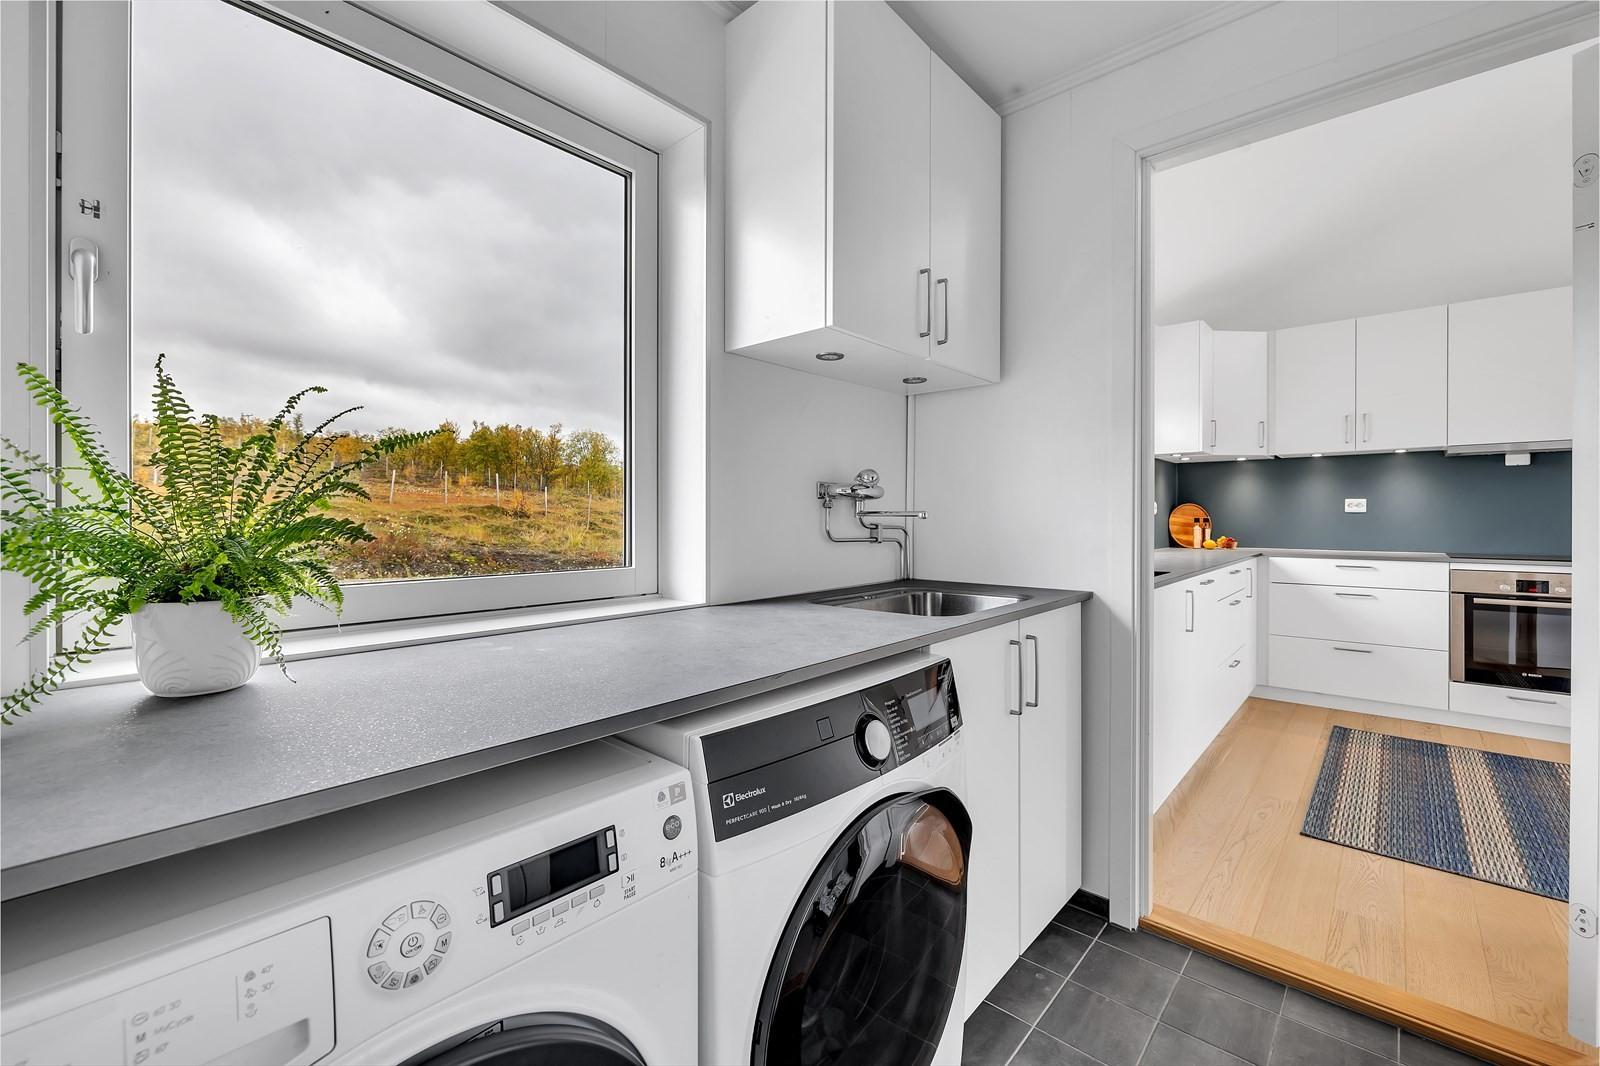 Praktisk med vaskerom ved kjøkken. Opplegg til vaskemaskin, plass til tørk, benk og utslagsvask.